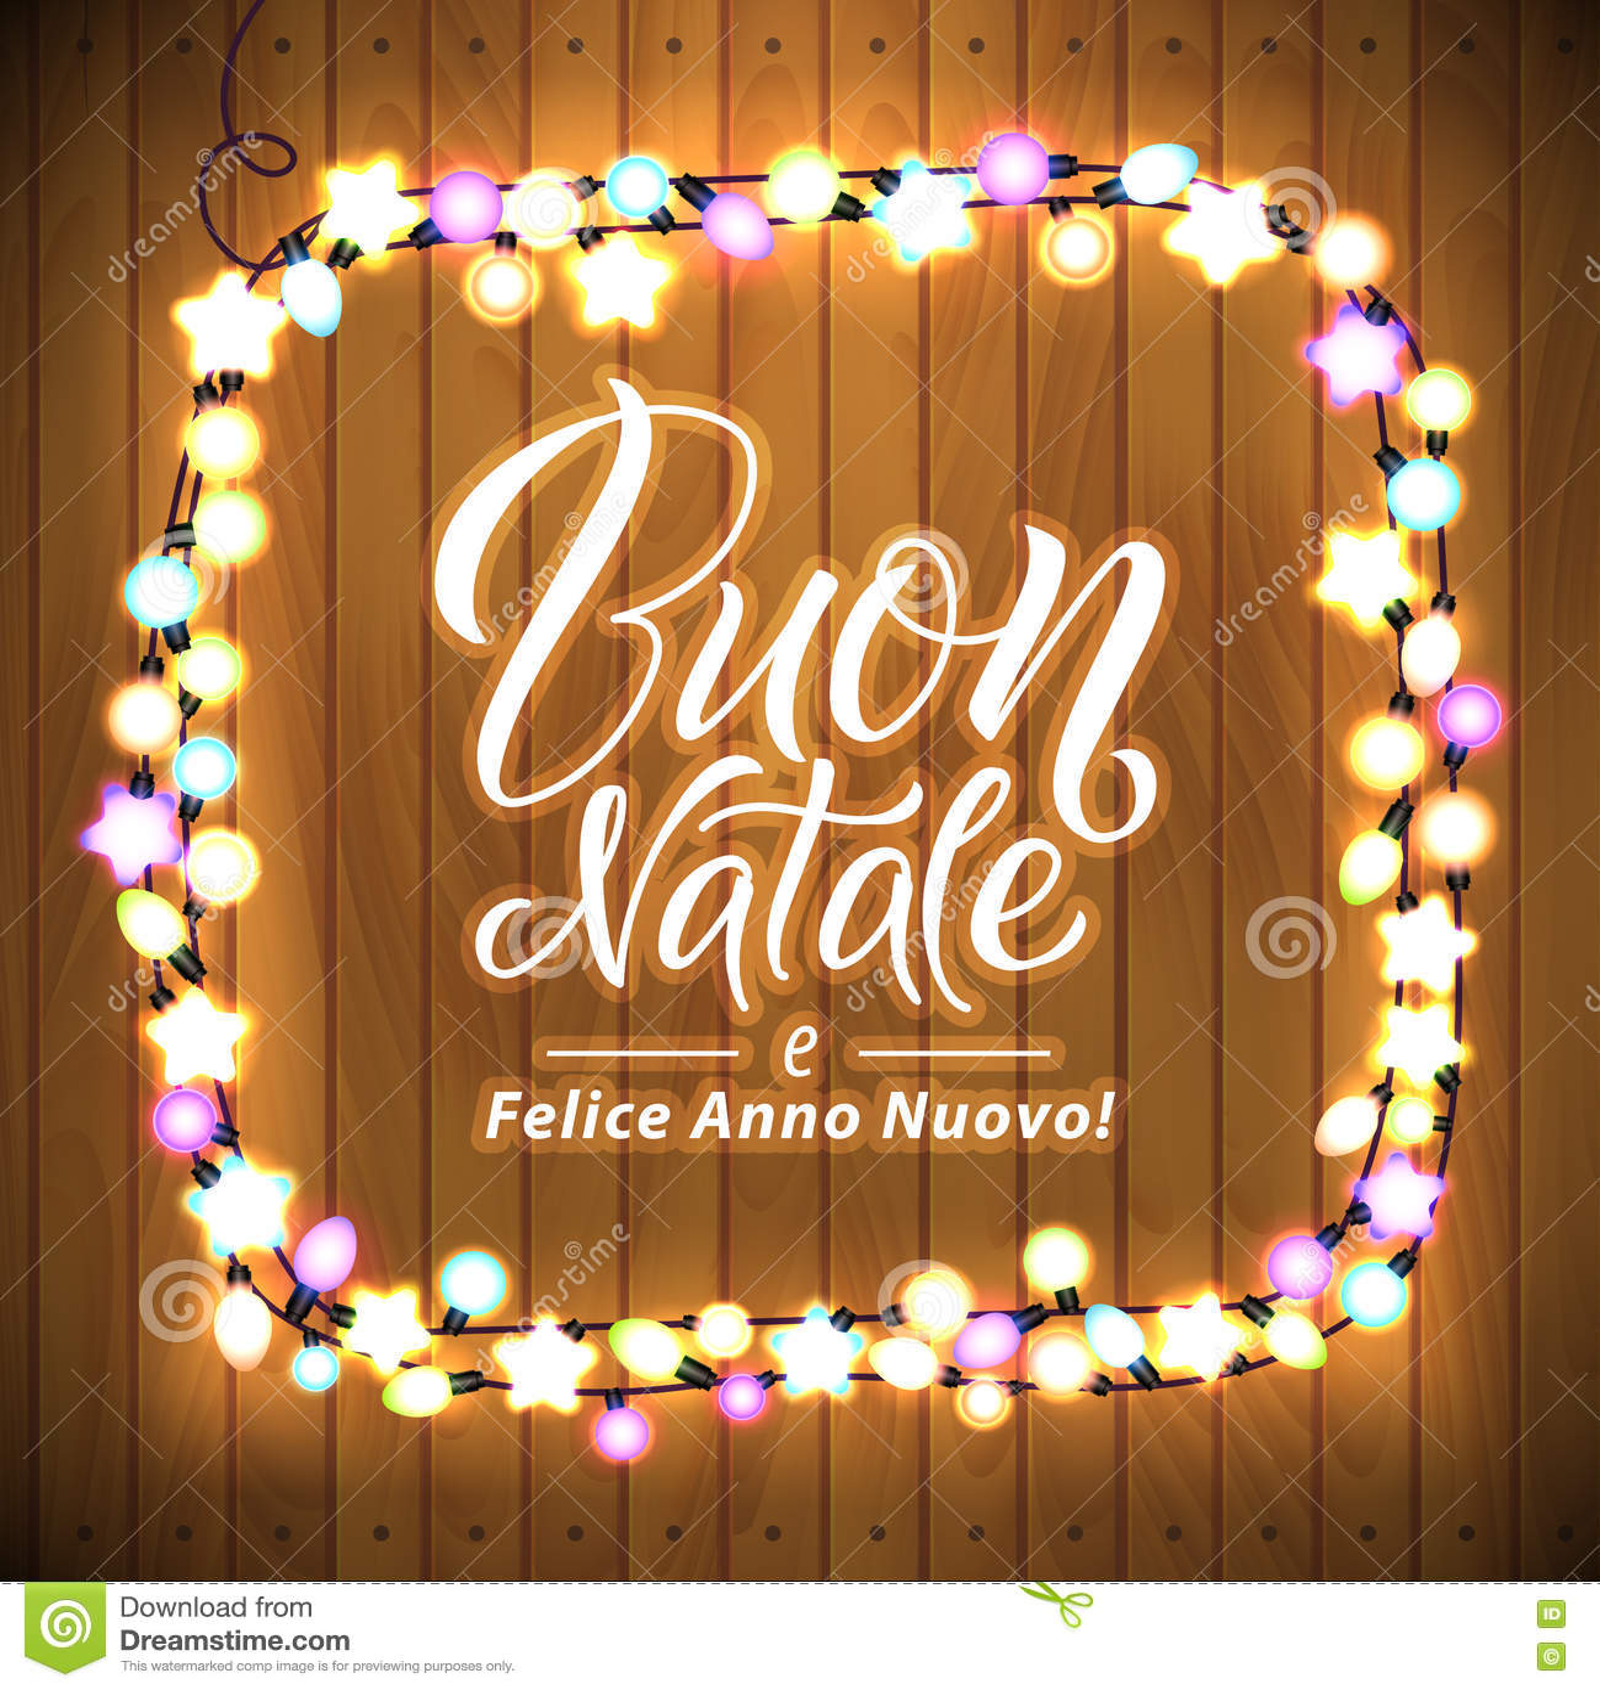 Grüße Frohe Weihnachten.Frohe Weihnachten Und Guten Rutsch Ins Neue Jahr Italienischsprachig